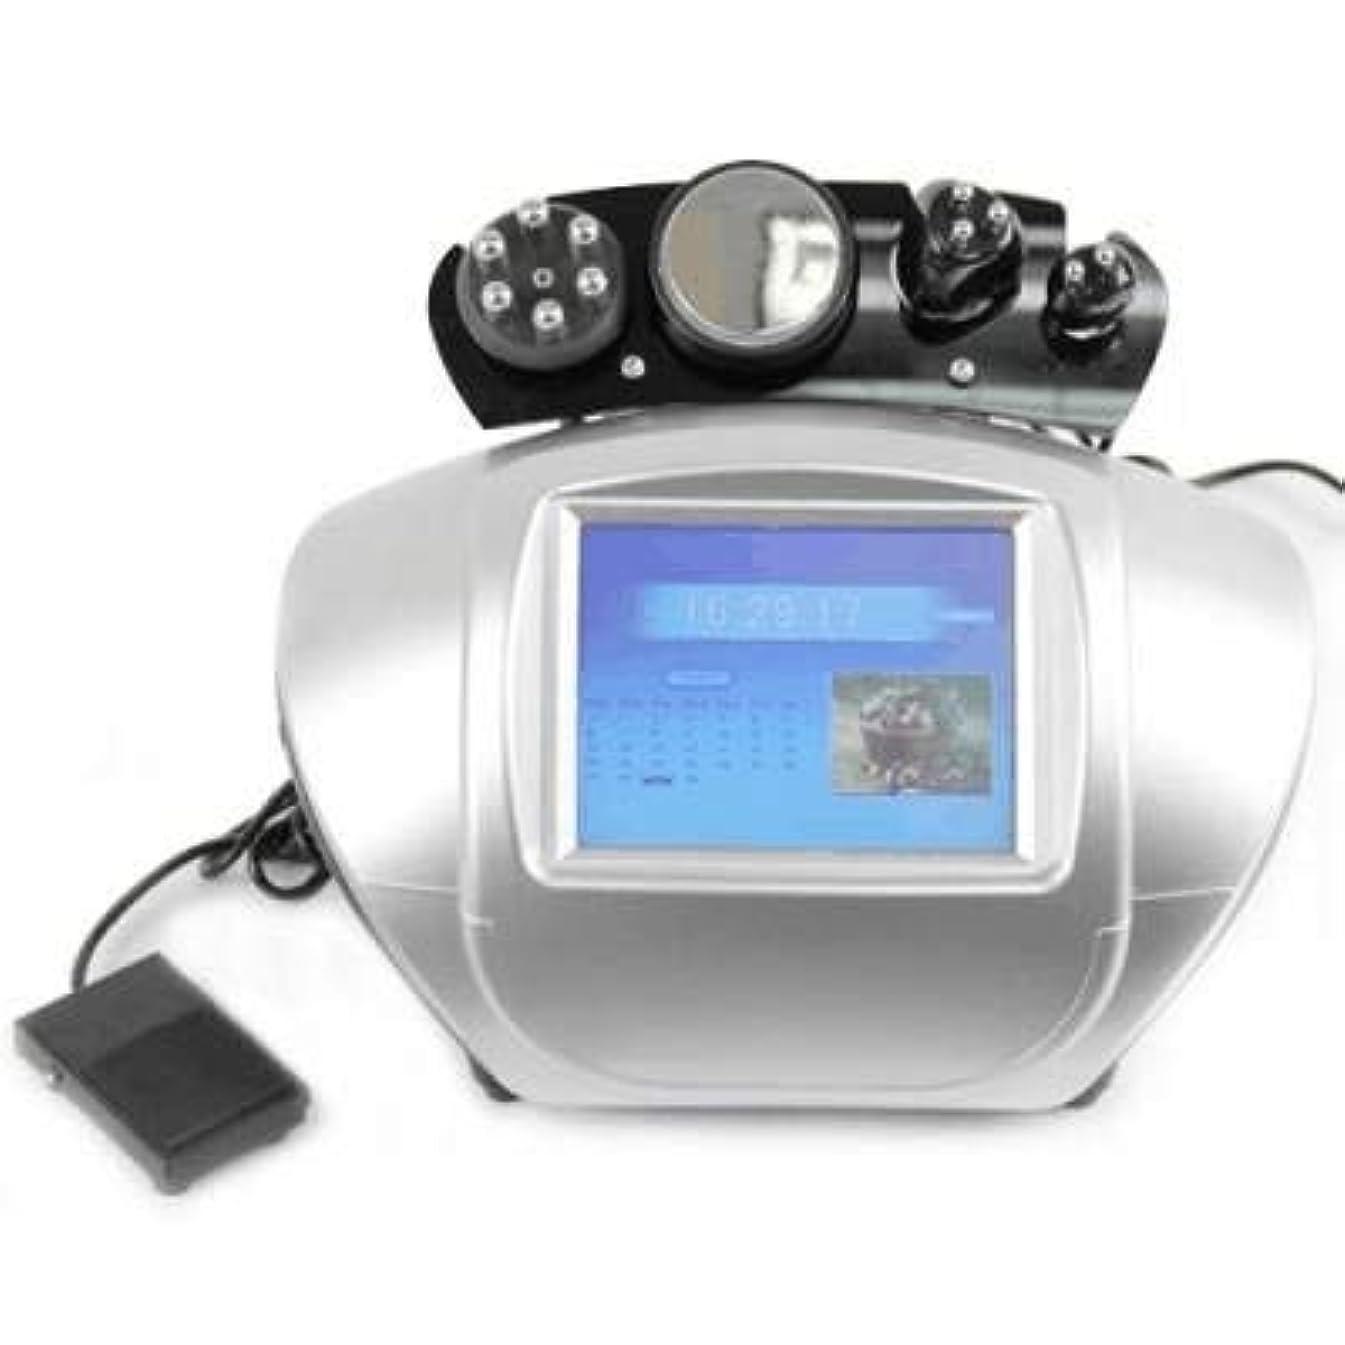 人物ローブバリアGoodLongエステサロン多極RF ラジオ波 EMS 超音波 キャビテーション 美容複合機 RU+6